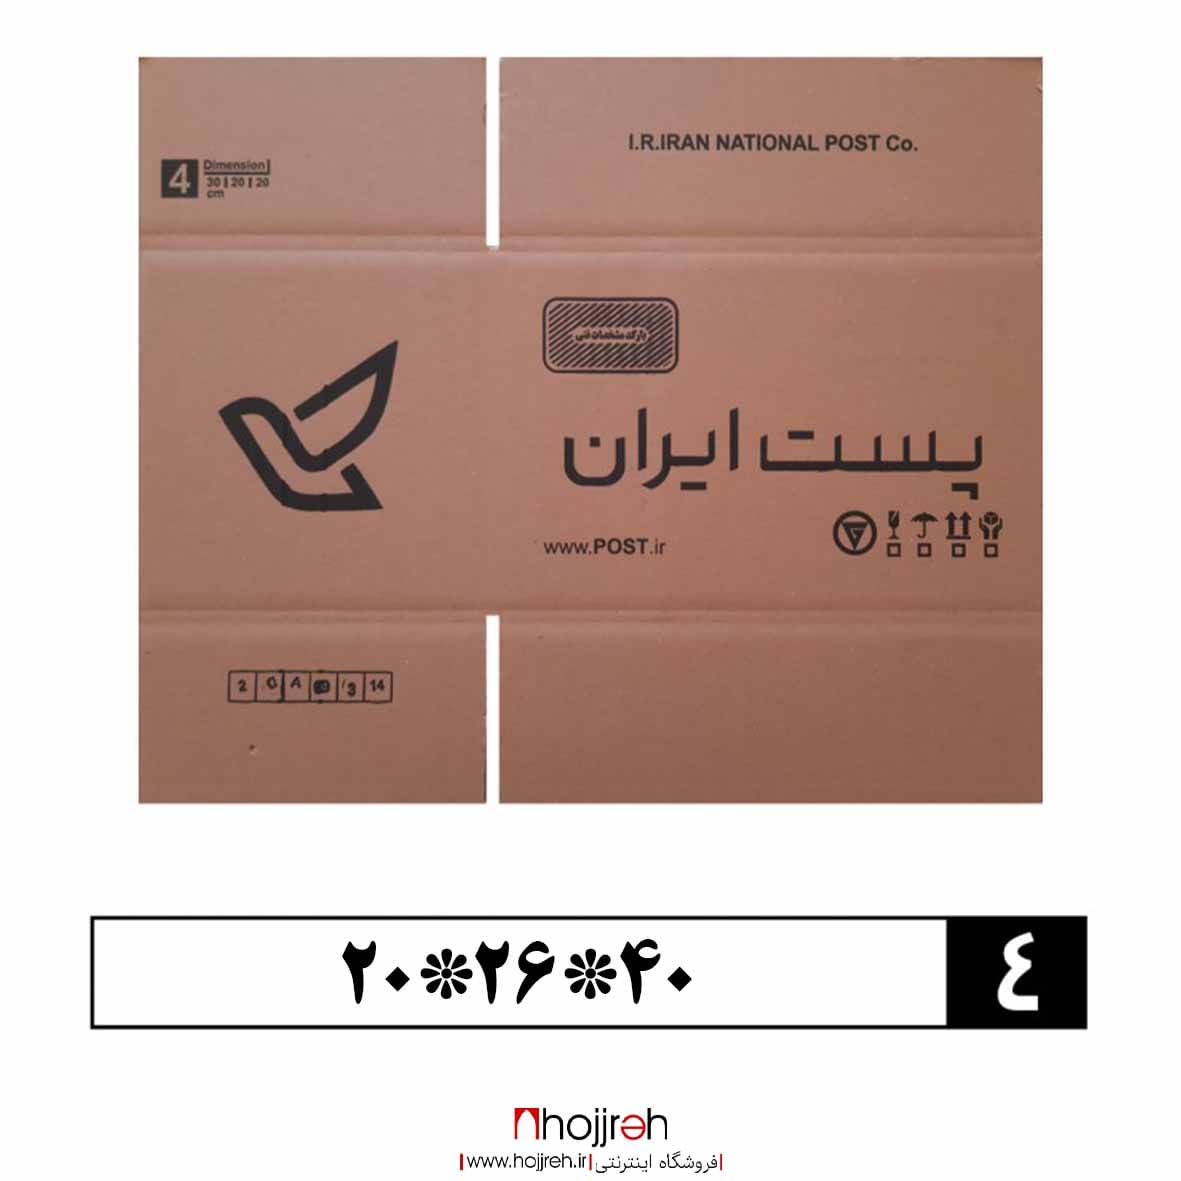 تصویر کارتن پستی سایز چهار بسته ۱۵ عددی کد k6